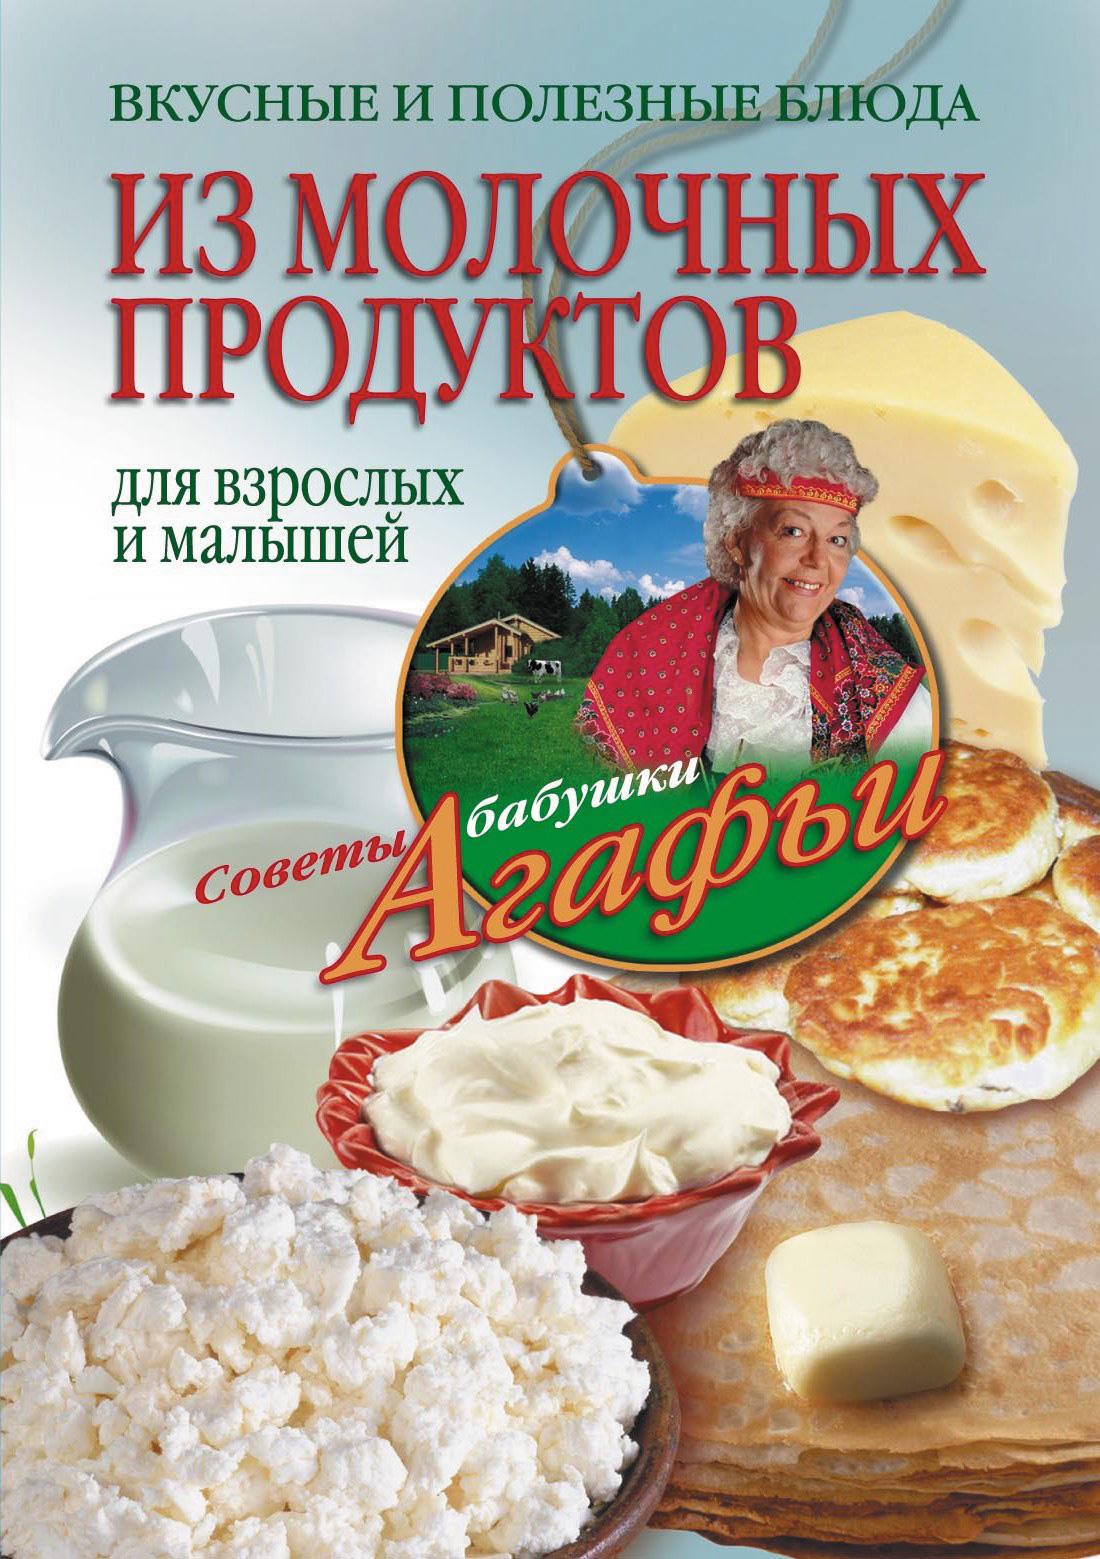 Агафья Звонарева Вкусные и полезные блюда из молочных продуктов. Для взрослых и малышей агафья звонарева вкусные и полезные блюда из молочных продуктов для взрослых и малышей